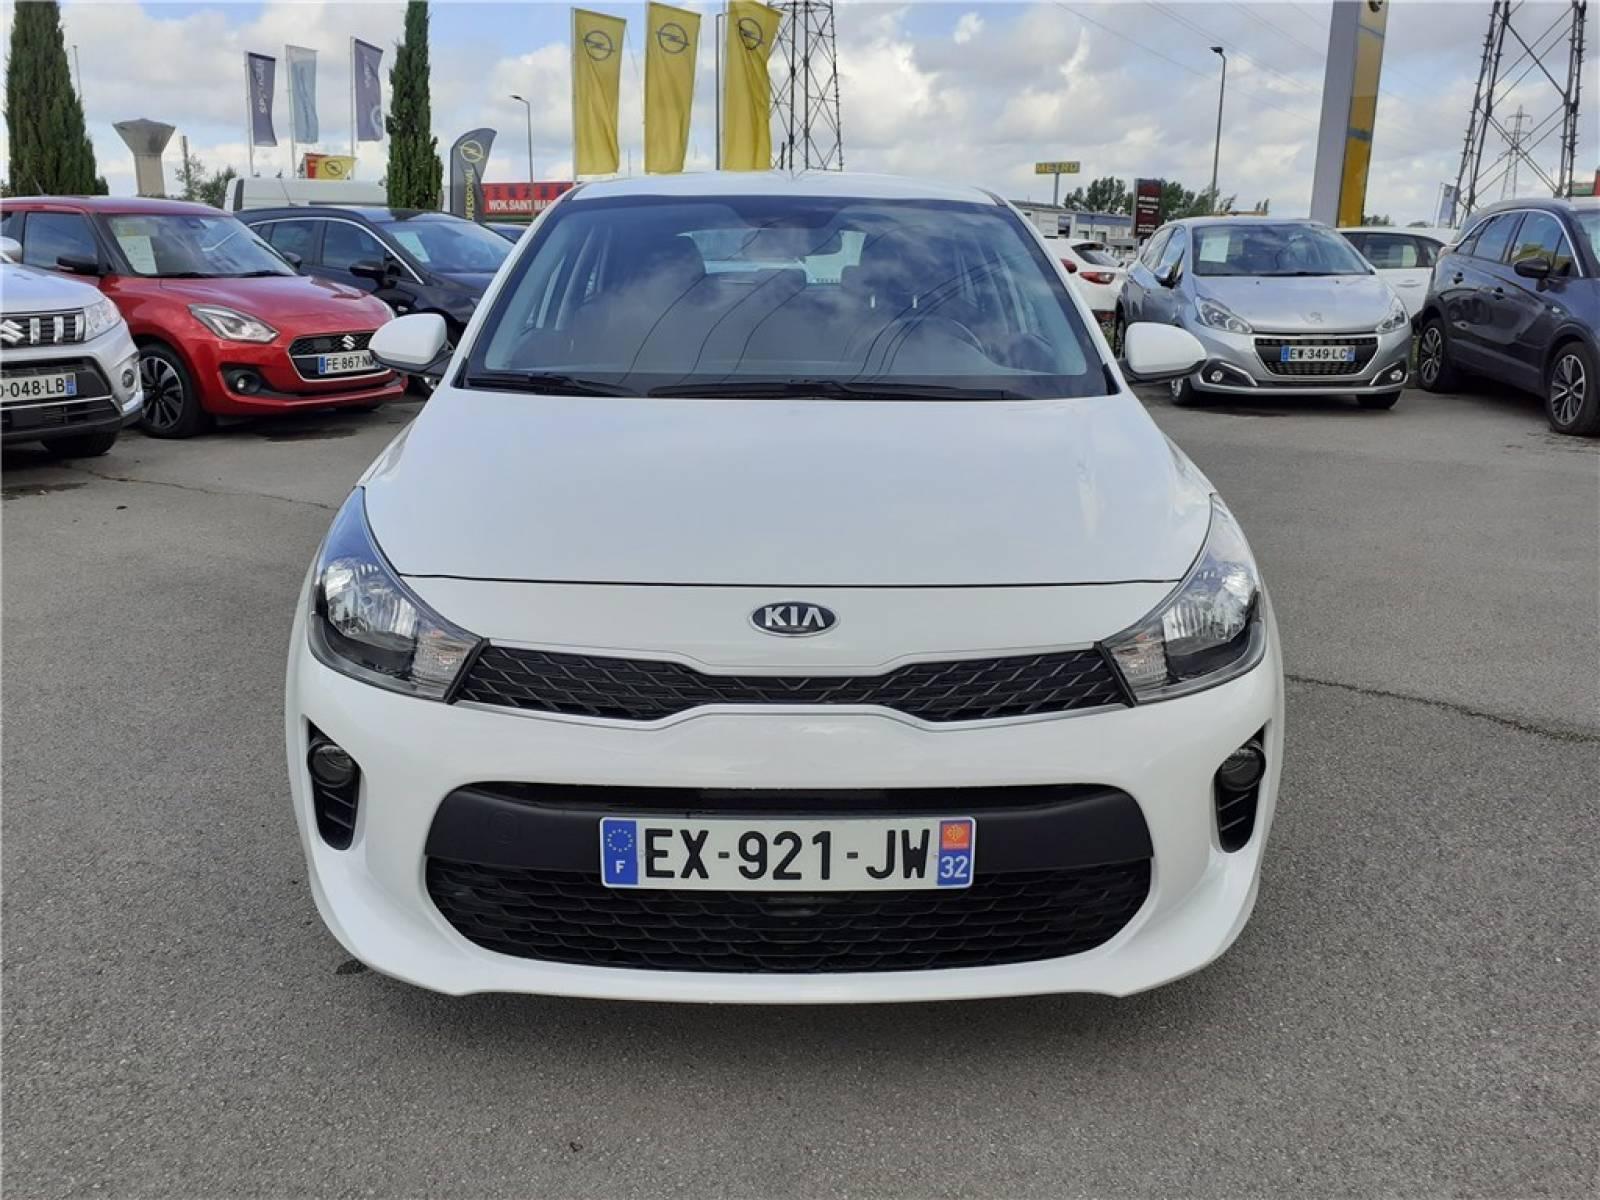 KIA Rio Business 1.2L 84 ch ISG - véhicule d'occasion - Groupe Guillet - Opel Magicauto - Montceau-les-Mines - 71300 - Montceau-les-Mines - 11